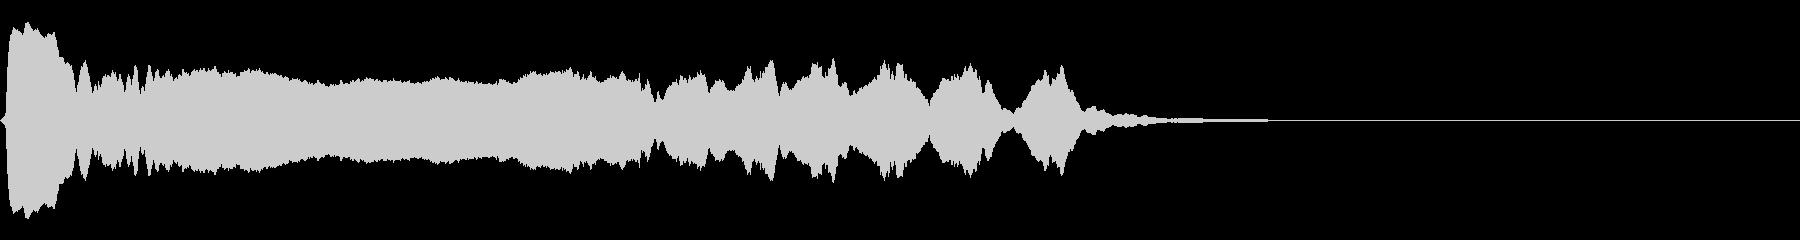 [生録音]和縦笛-ワンショット素材02の未再生の波形